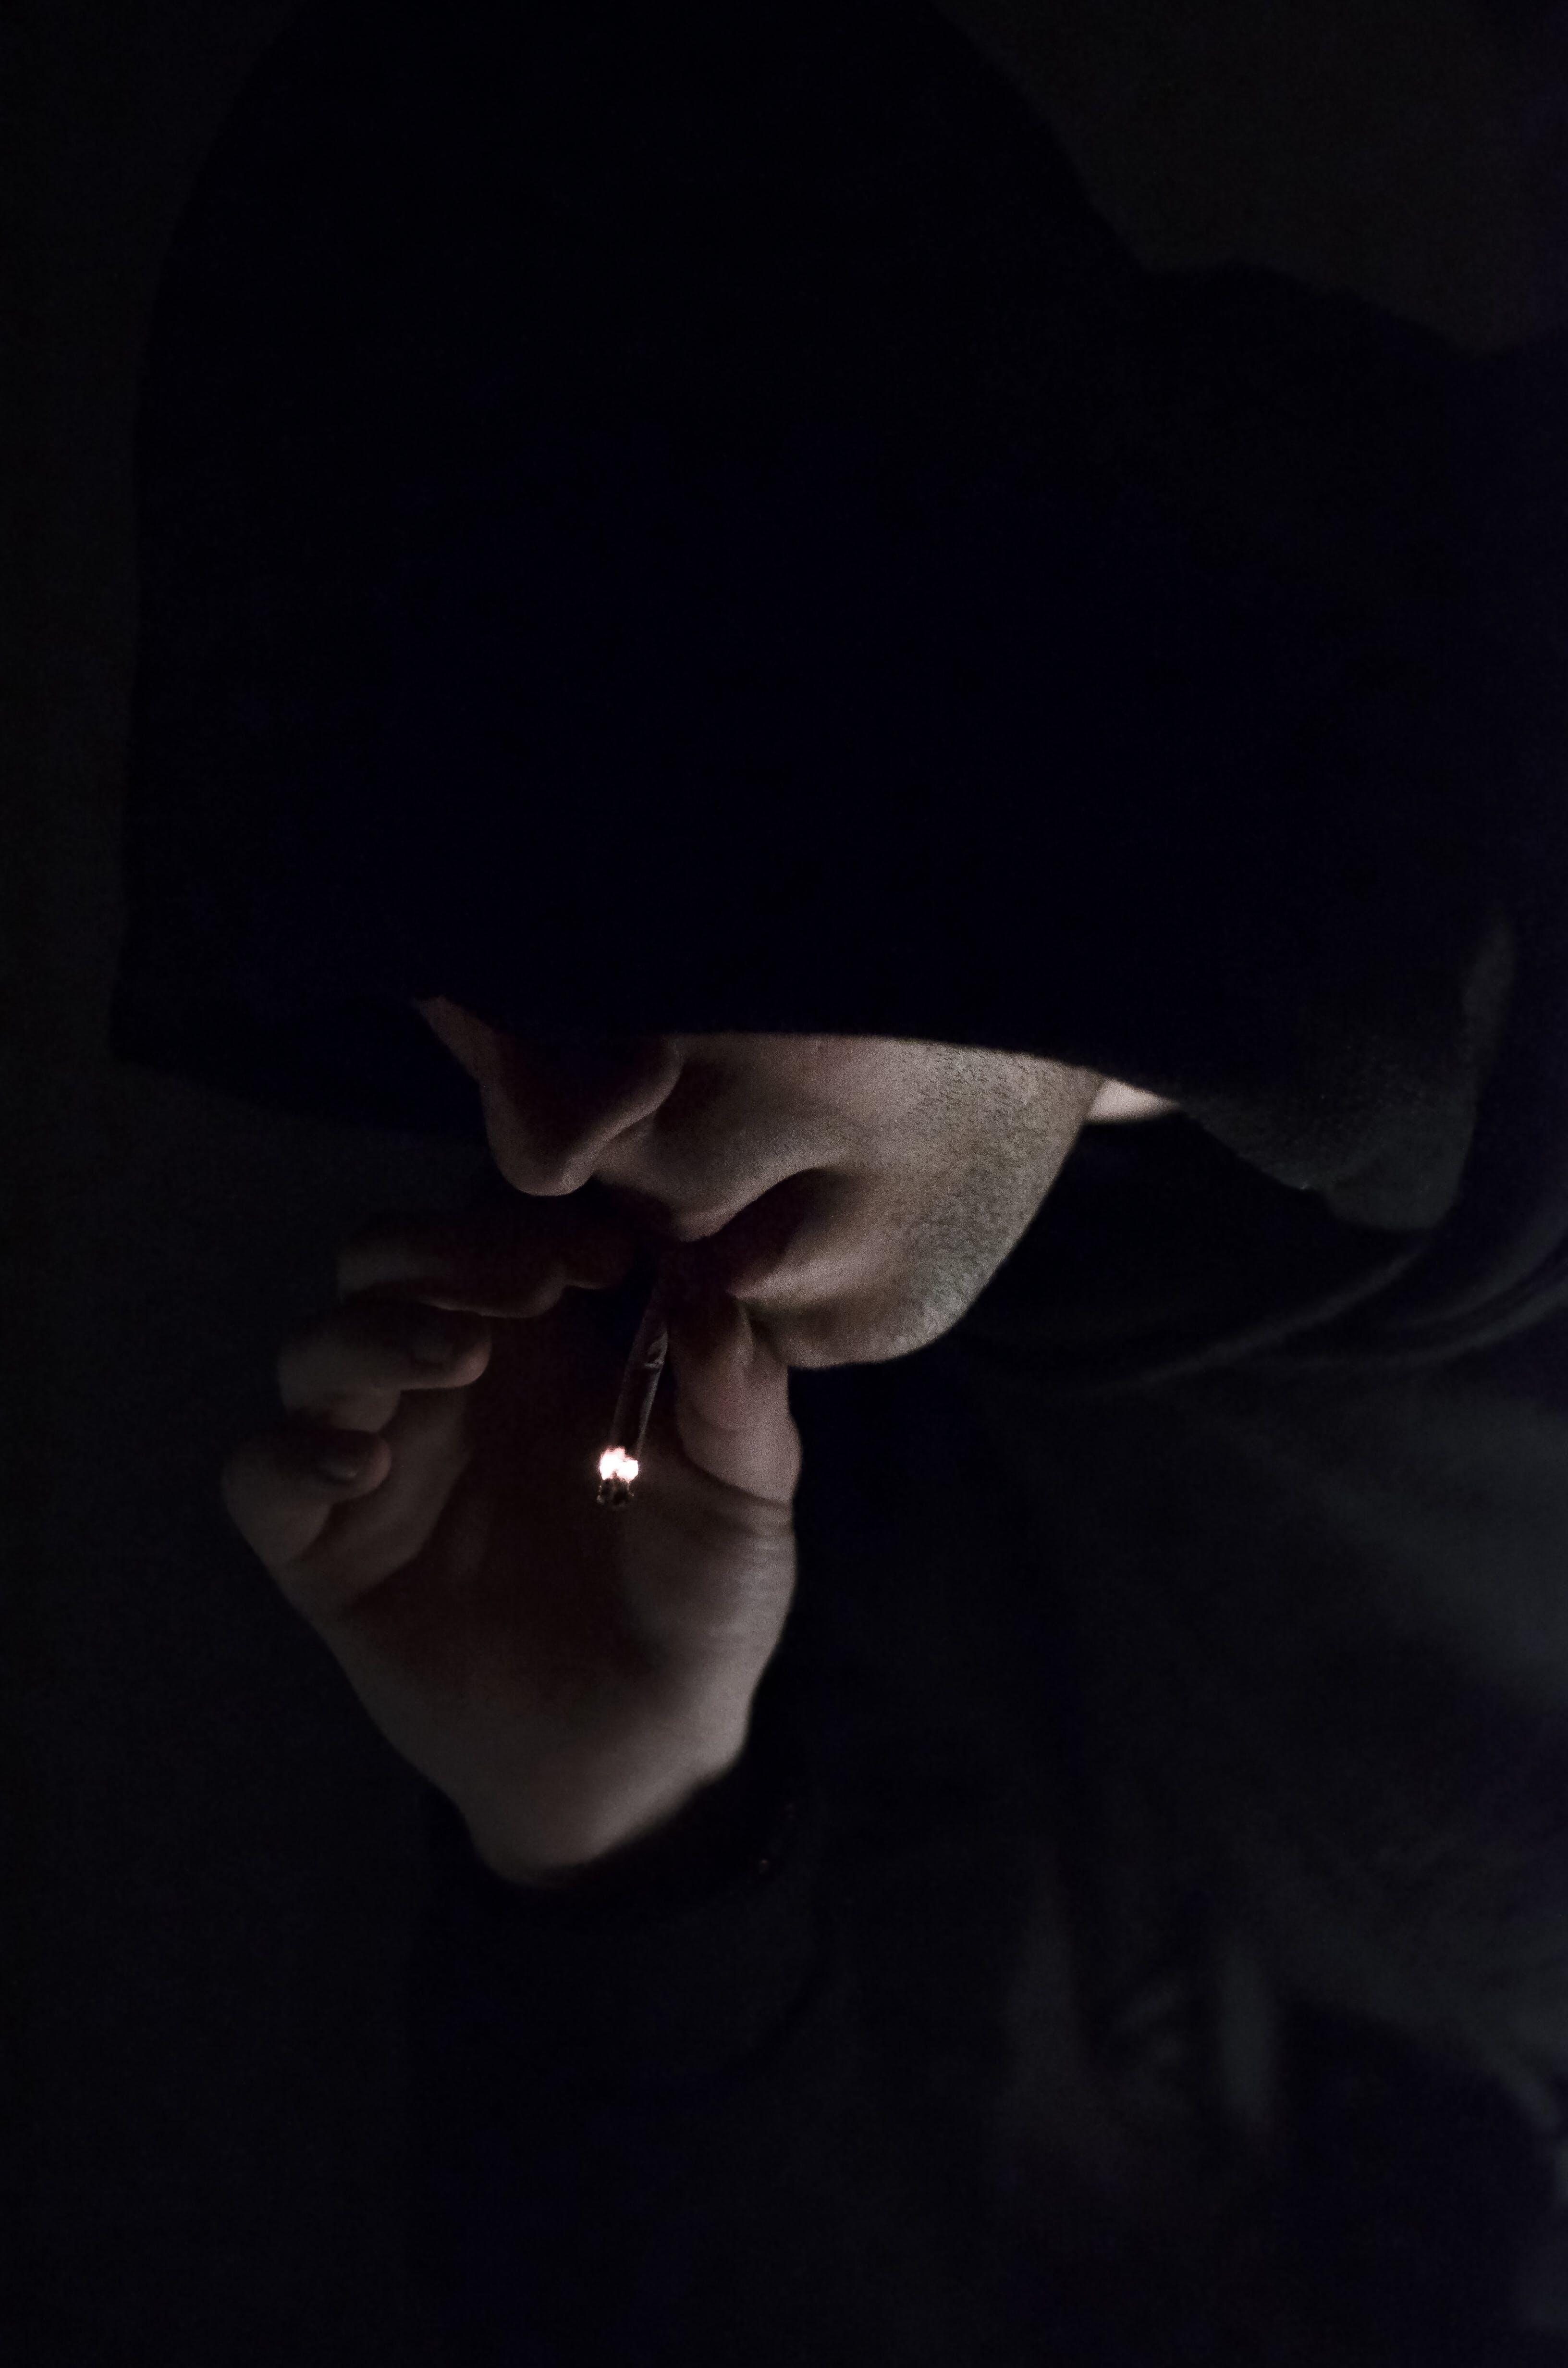 Man in Hoodie Smoking Cigarette